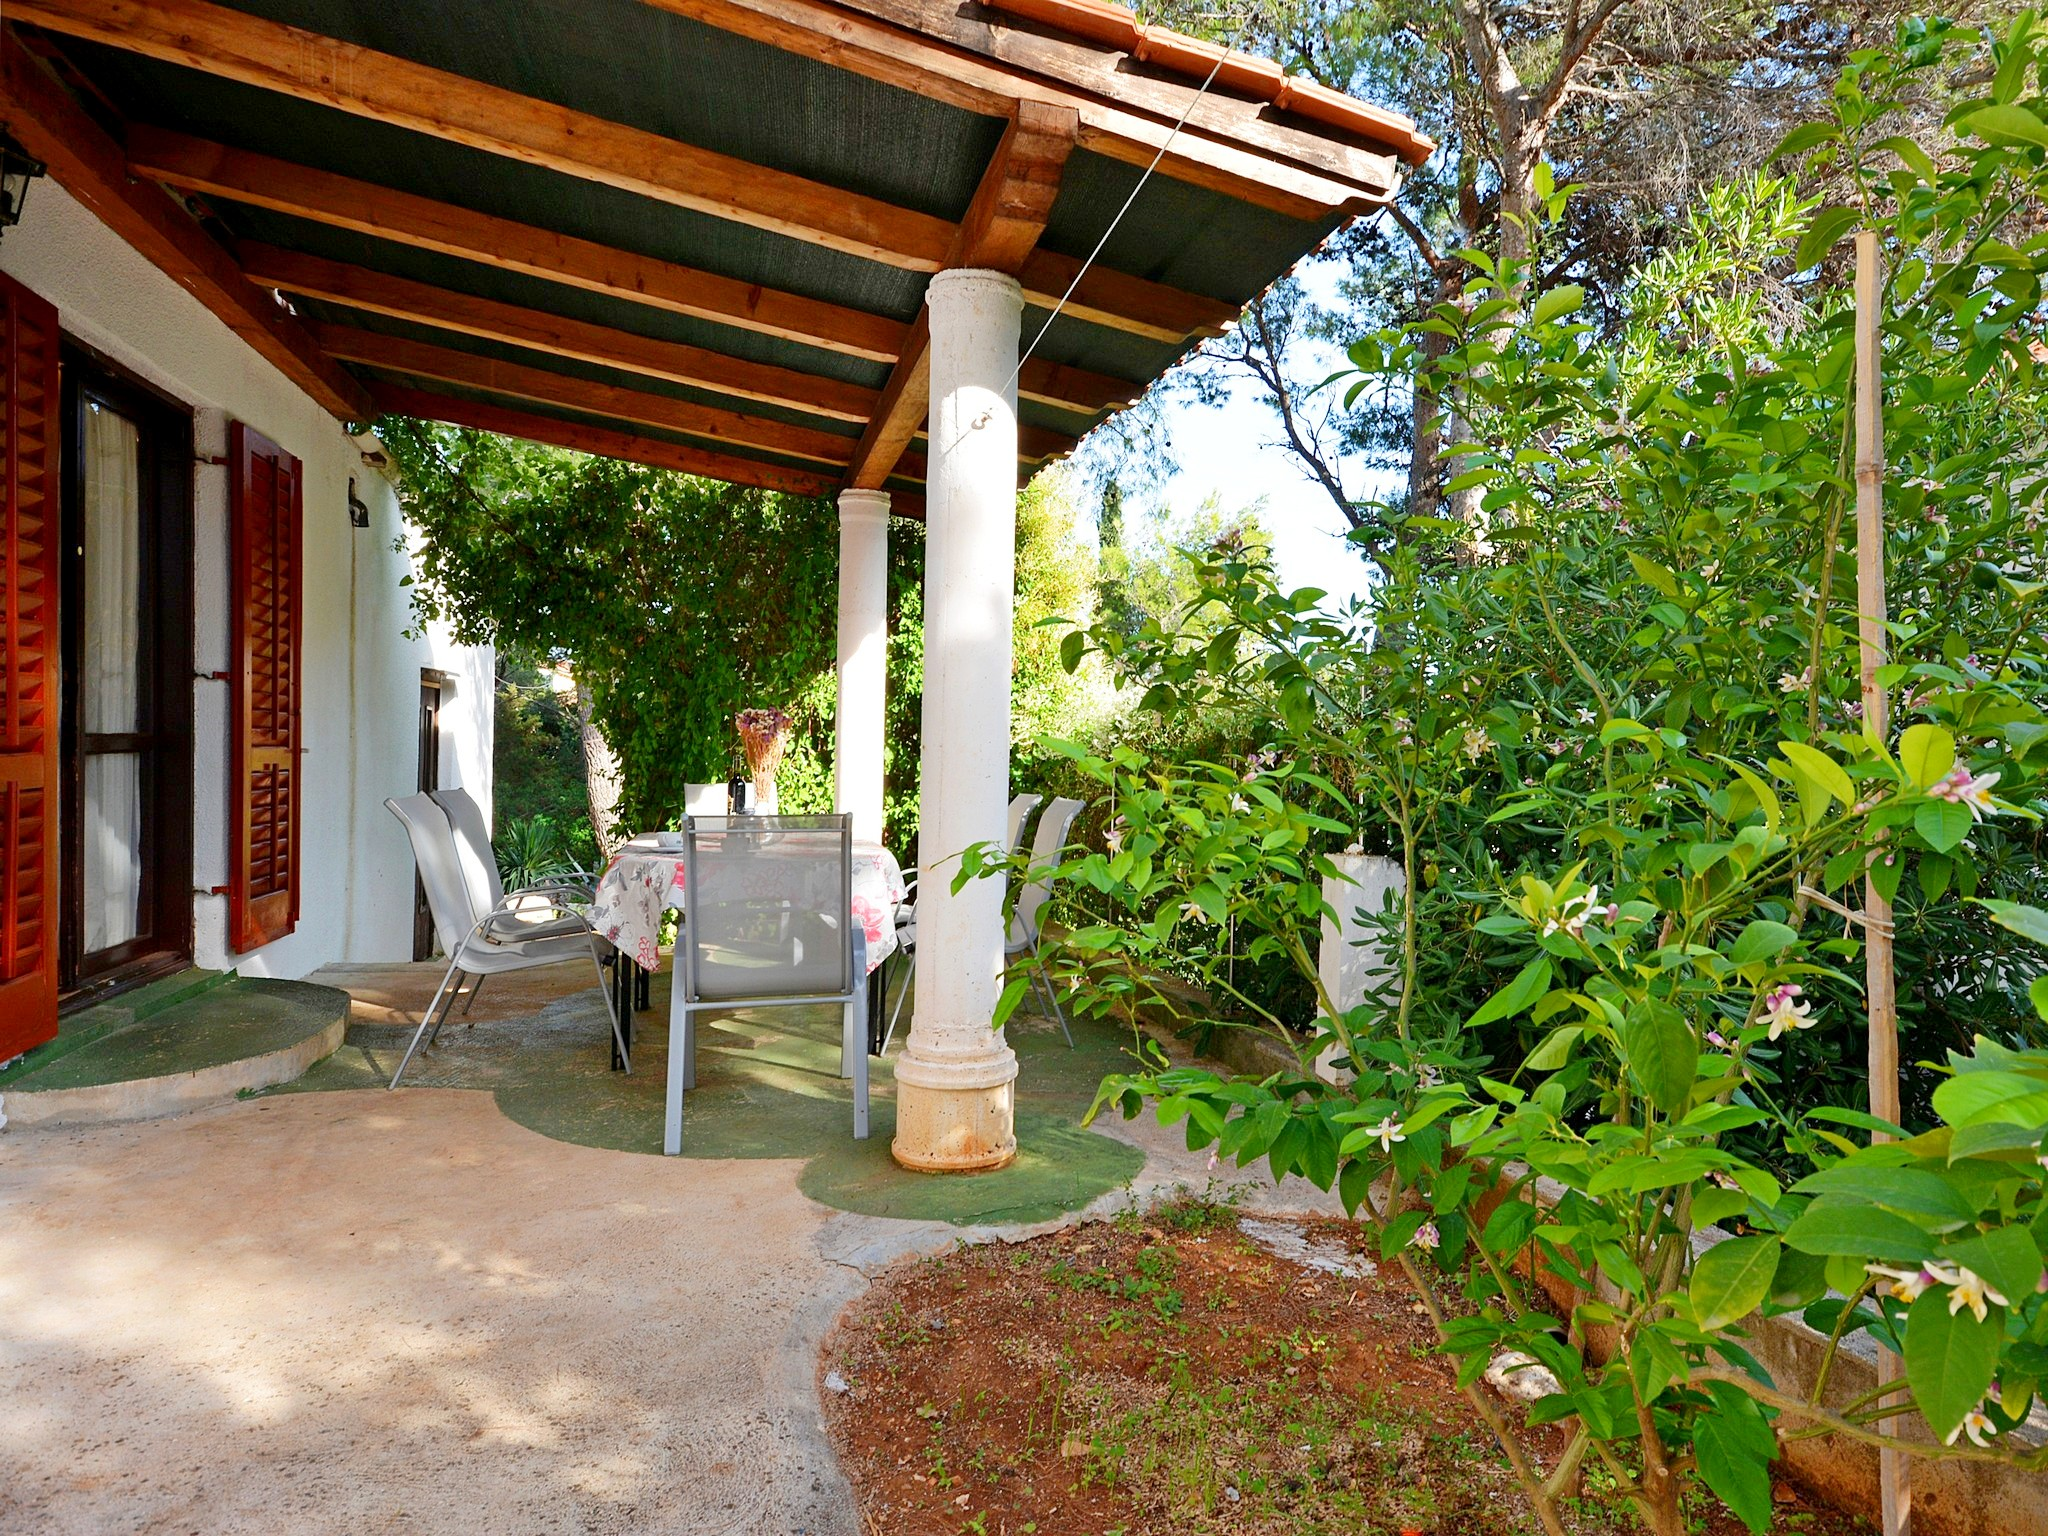 Ferienwohnung Ferienwohnungen Duaan, Apartman A4 (942266), Vrbanj, Insel Hvar, Dalmatien, Kroatien, Bild 3